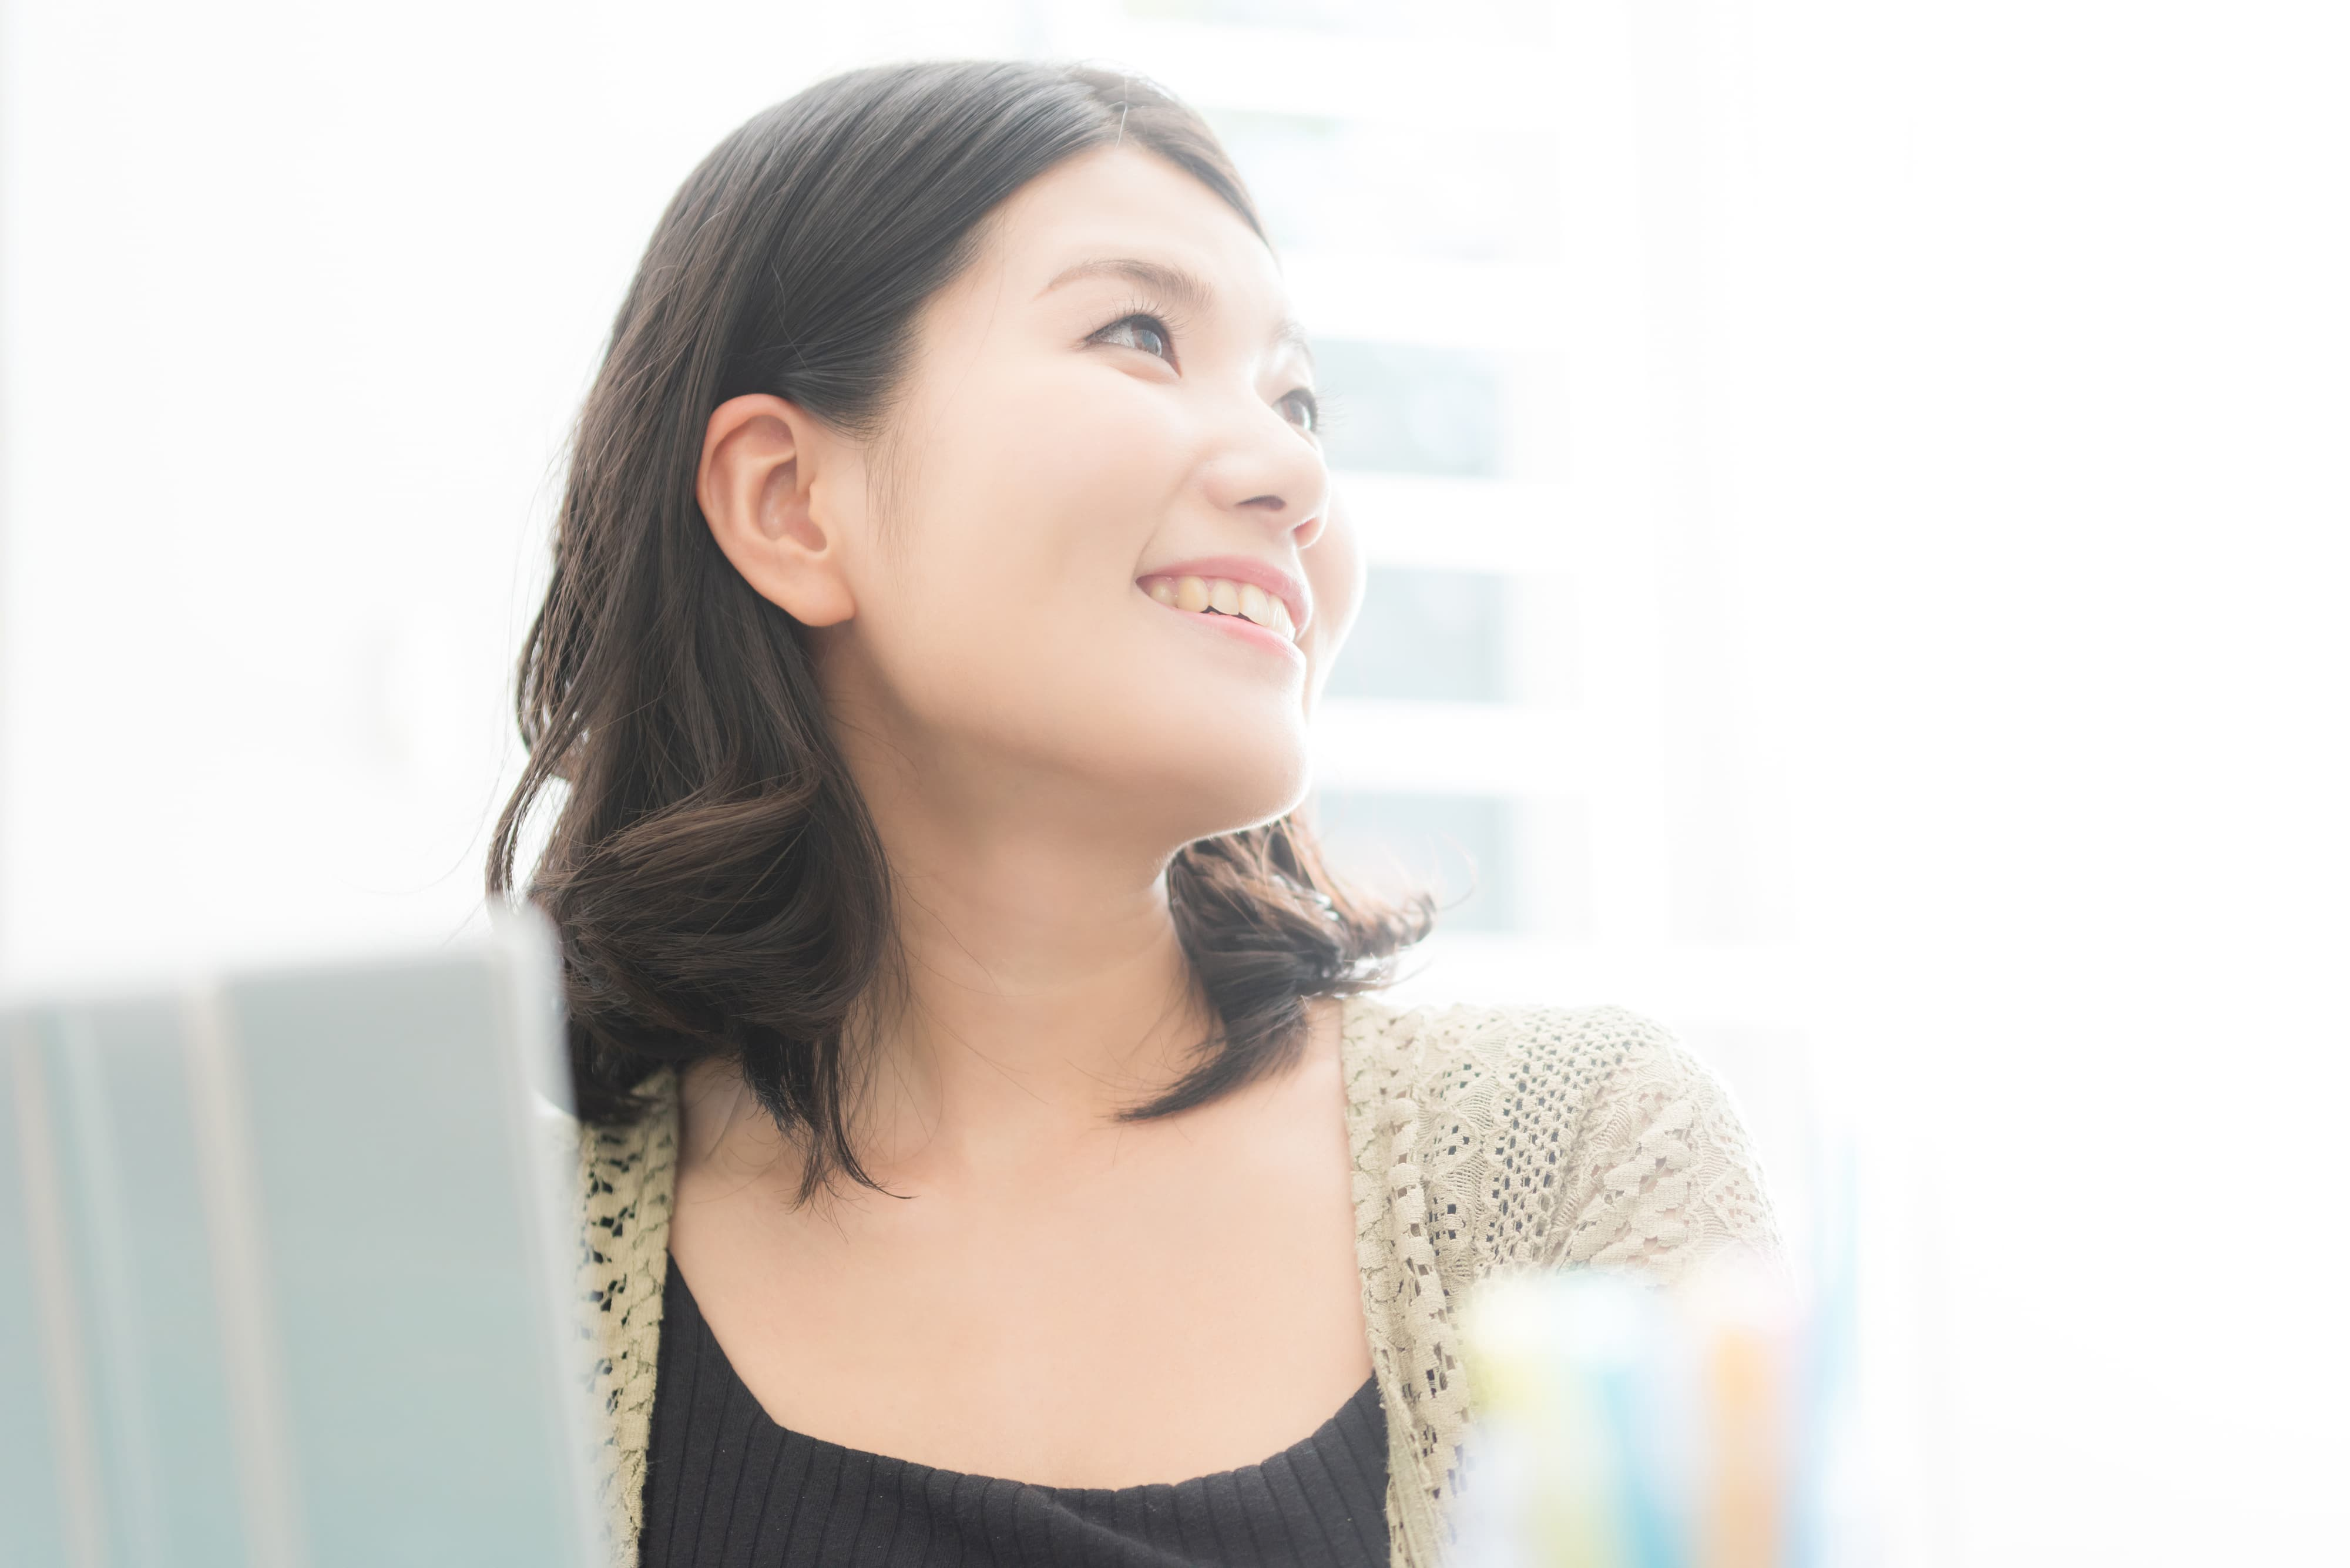 パソコン操作する女性の画像